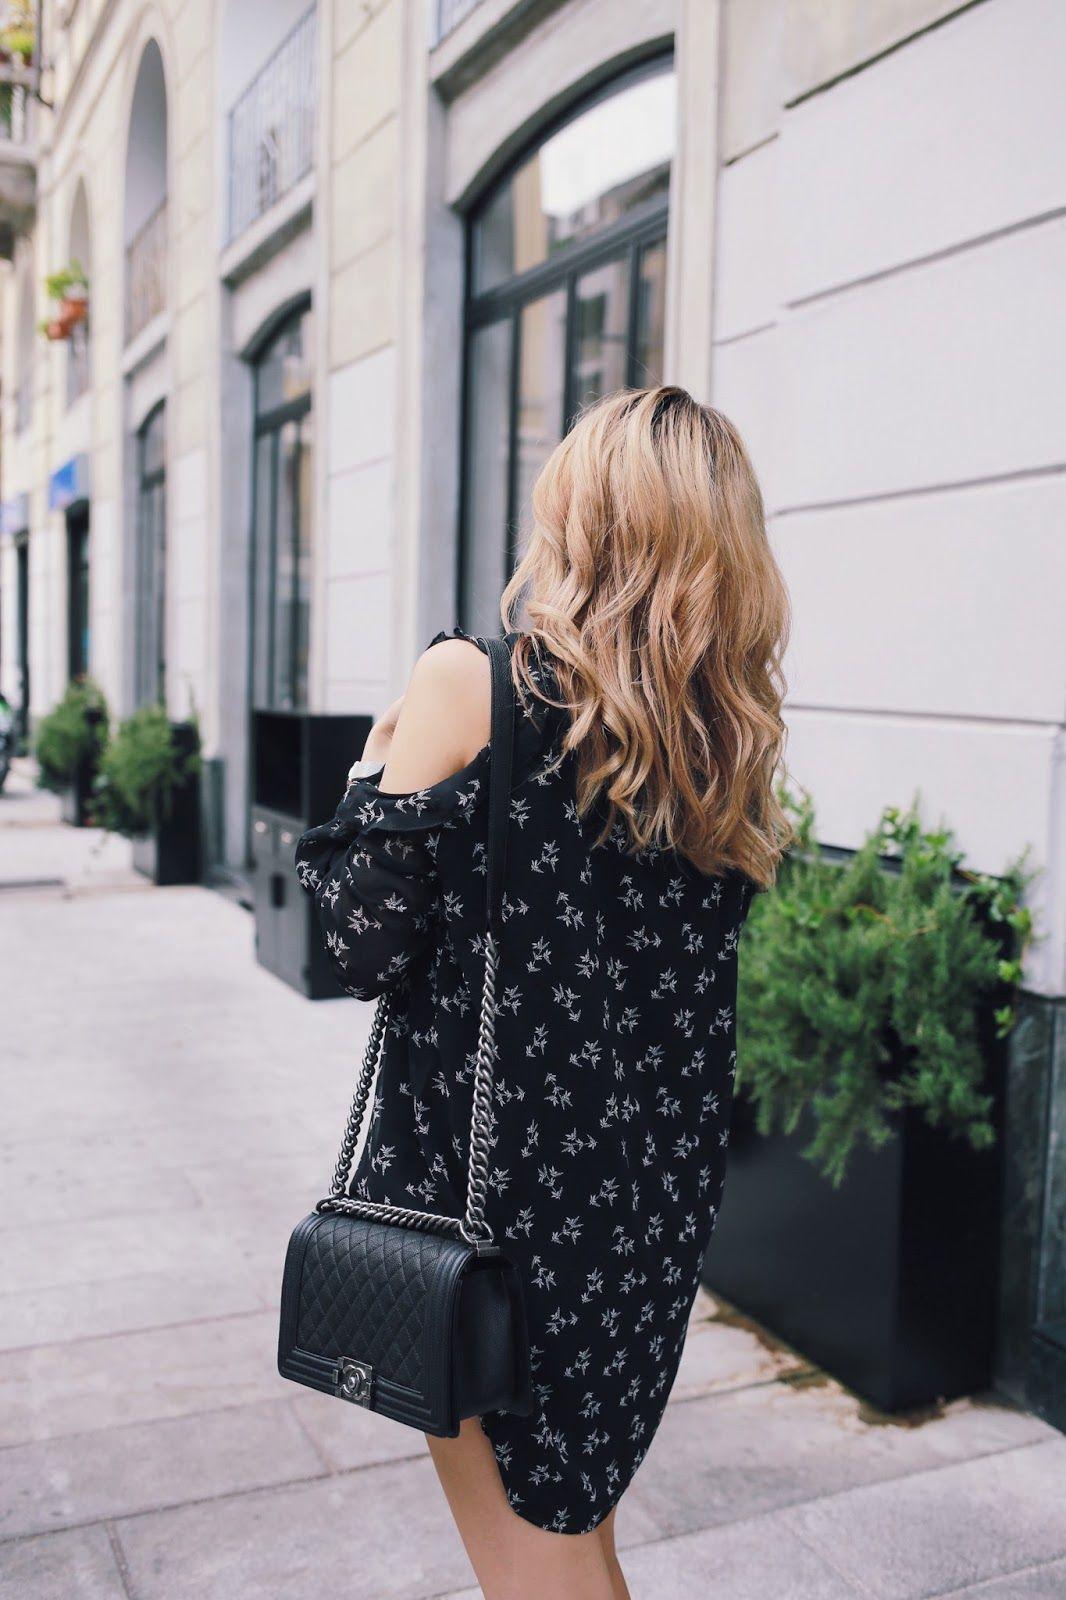 341a7f2afe05 Mango Cold Shoulder Dress Chanel Boy Bag Outfit Blogger Germany